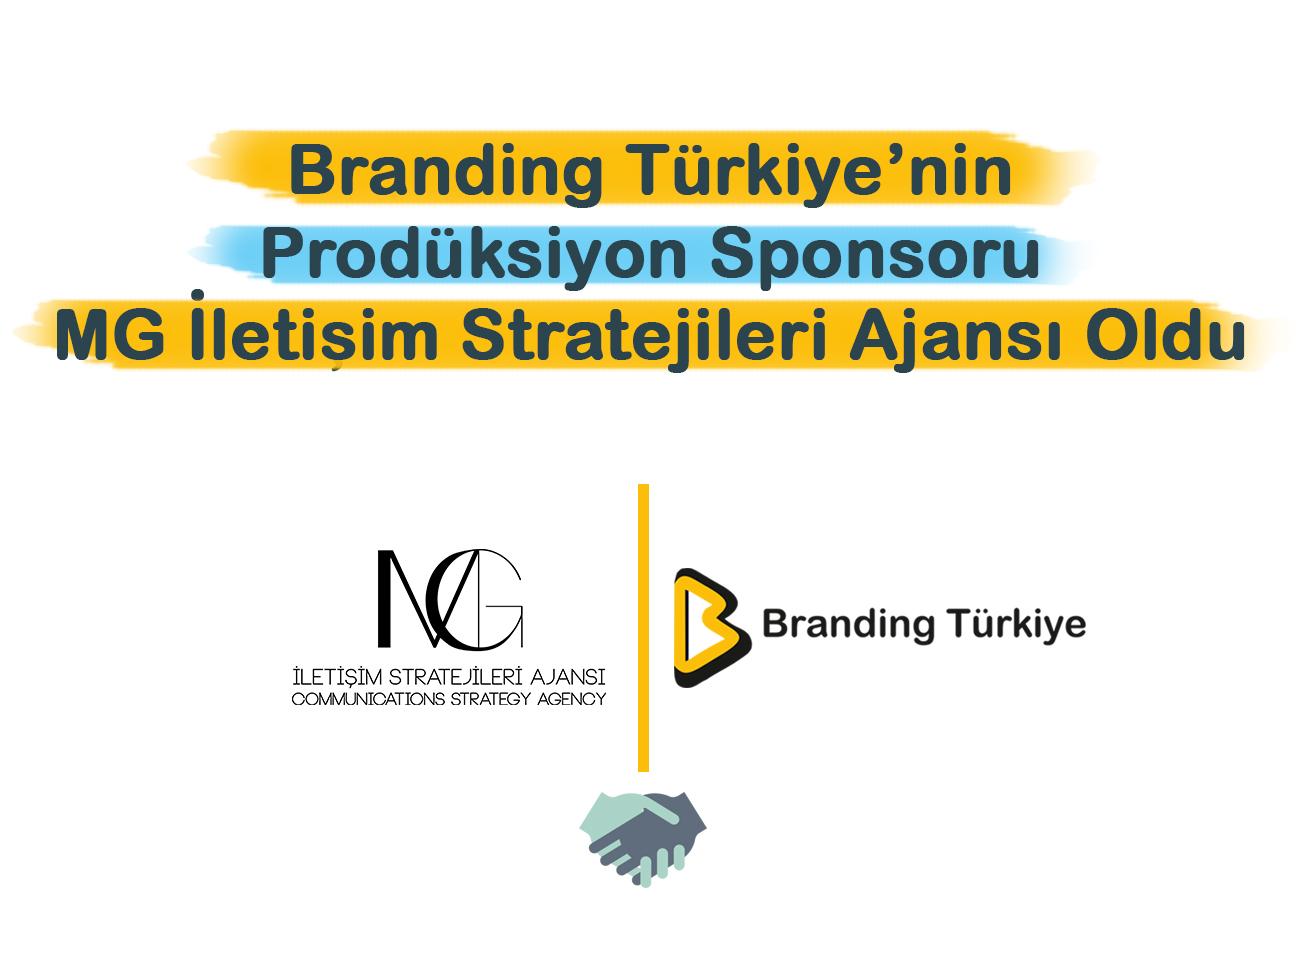 Branding Türkiye'nin Prodüksiyon Sponsoru MG İletişim Stratejileri Ajansı Oldu